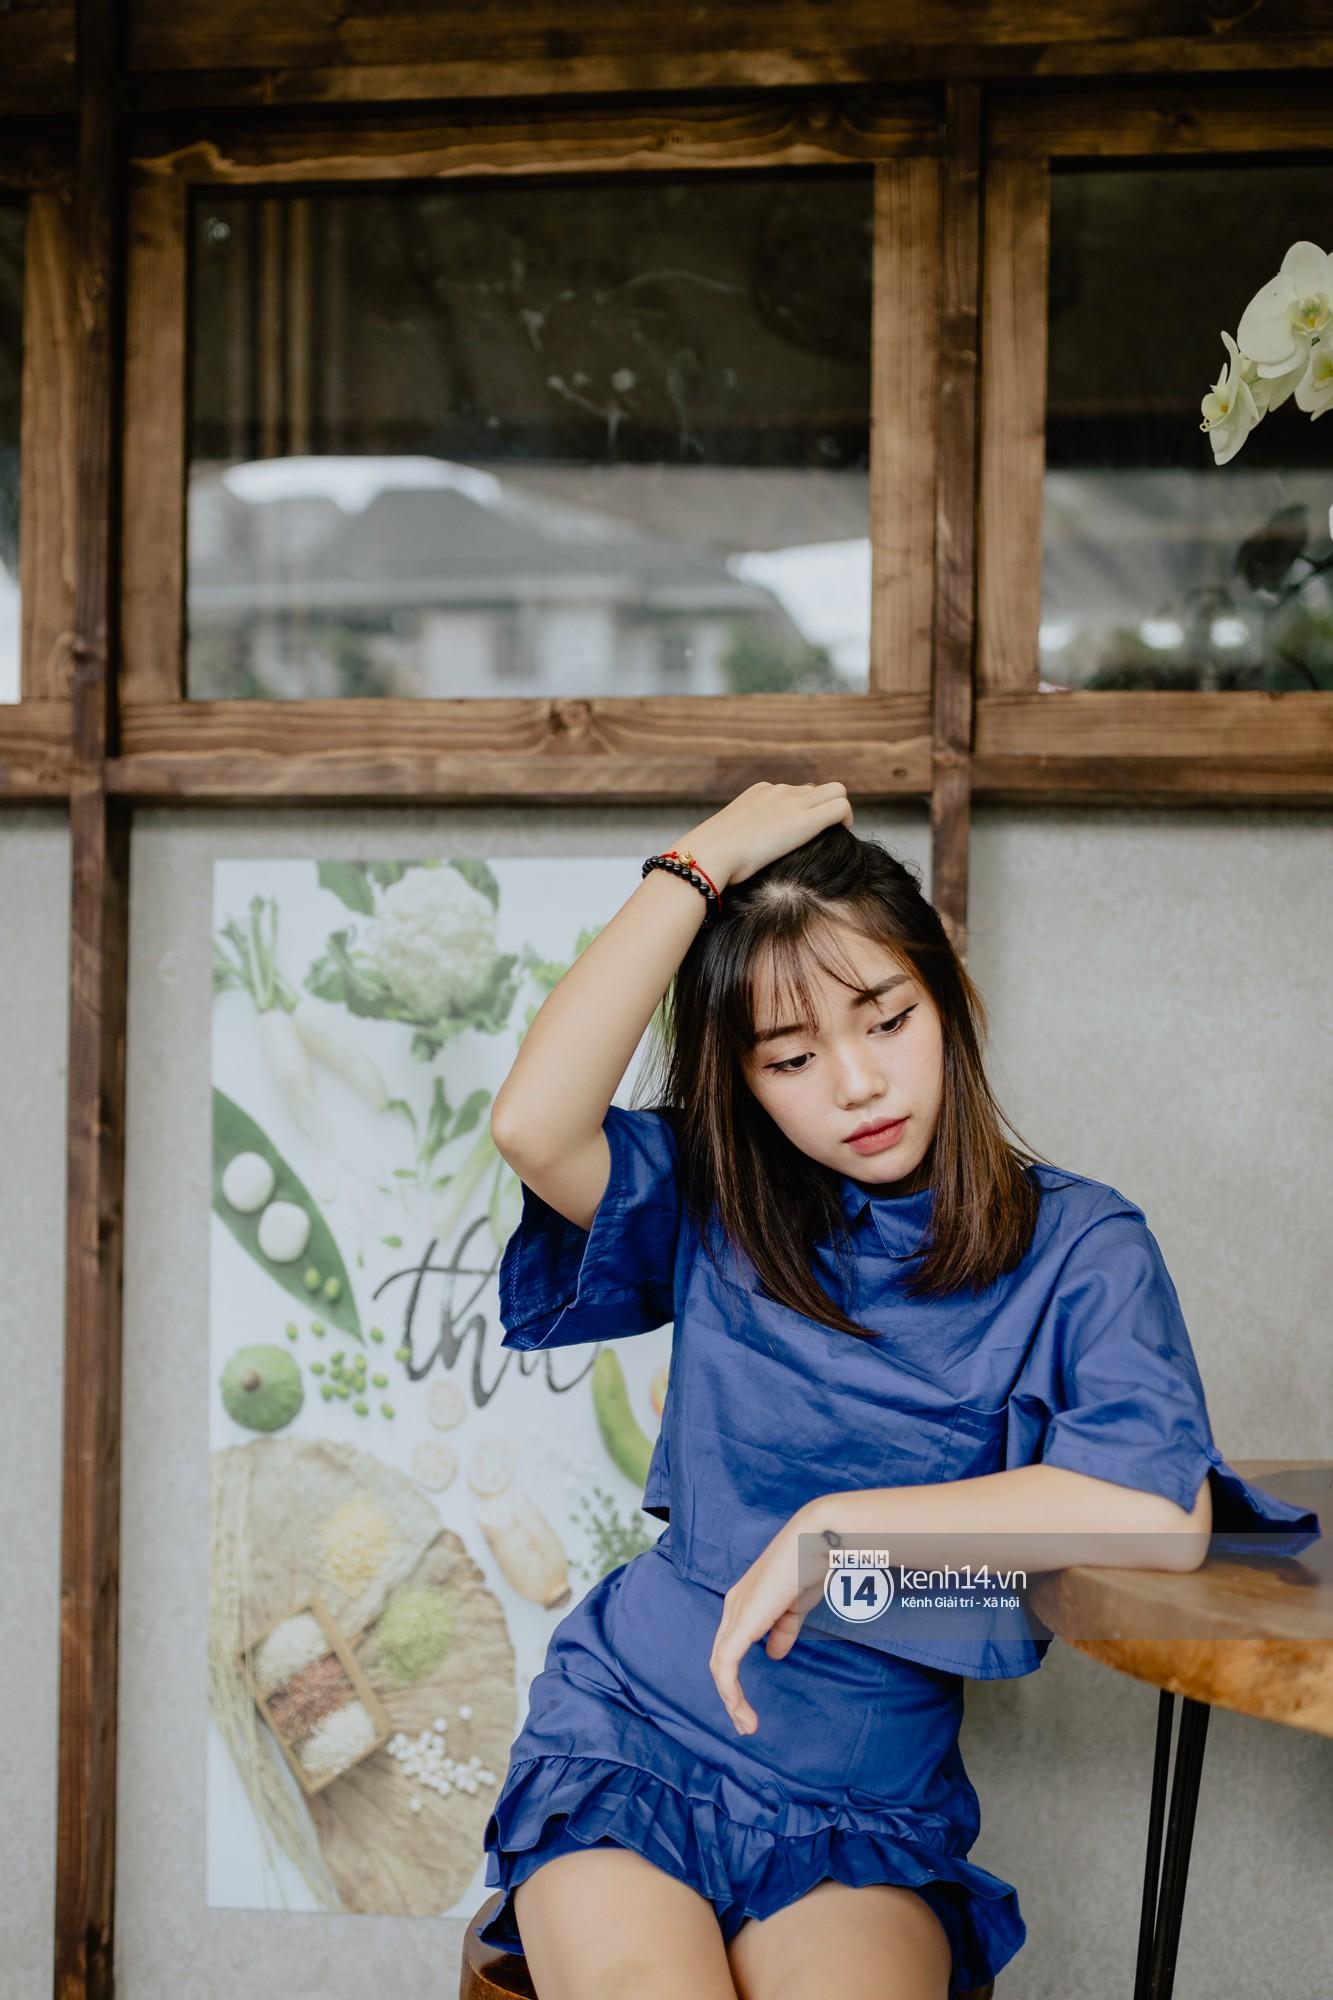 Hot streamer Linh Ngọc Đàm: Mình sống thoải mái với nghề, chu cấp cho bố mẹ và nuôi 2 em - Ảnh 6.